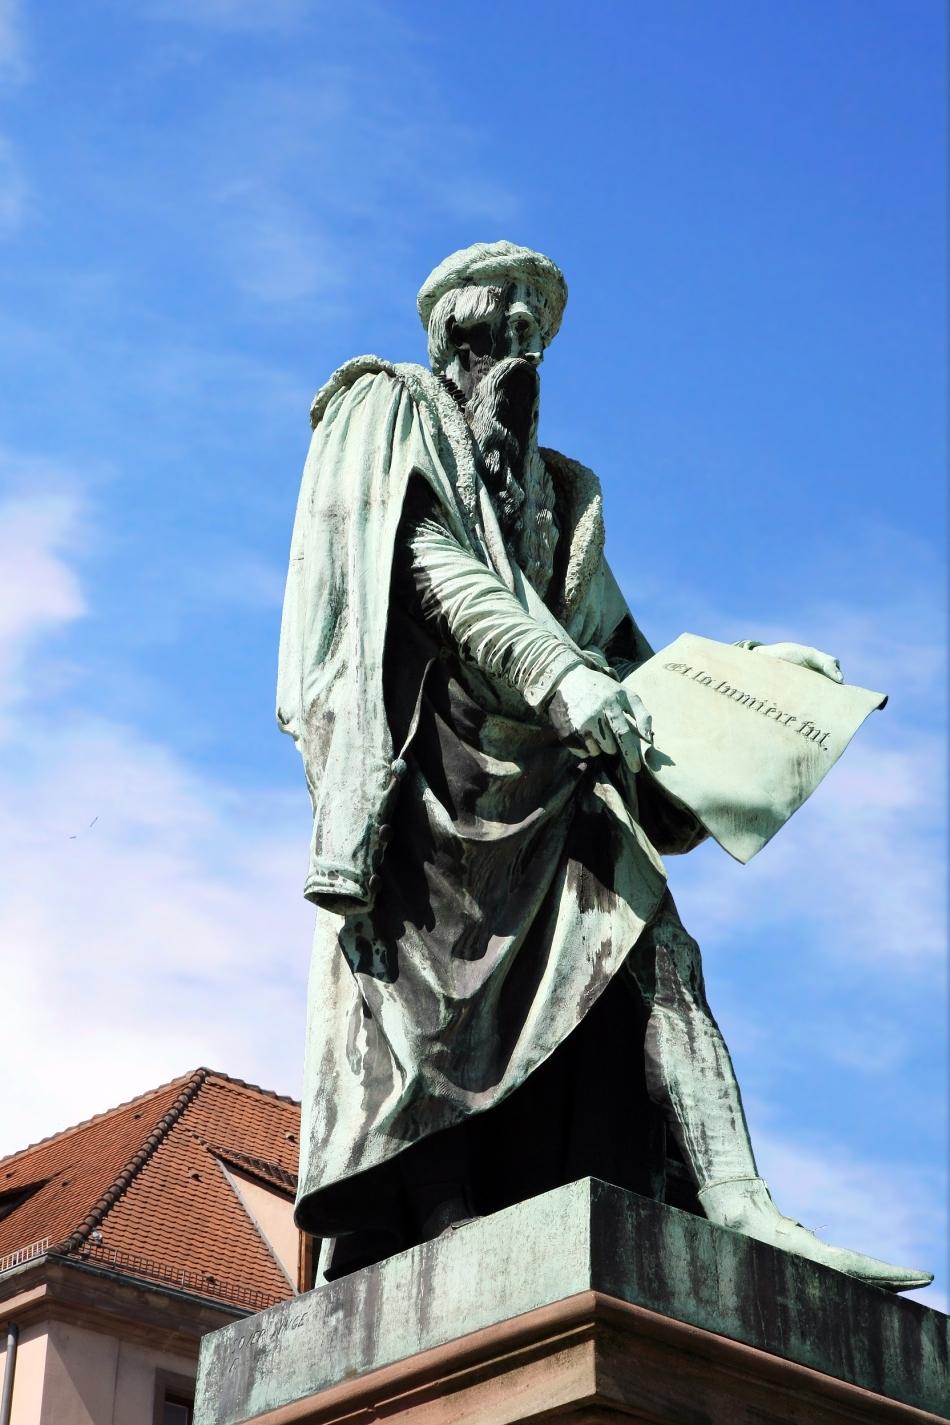 Statuia lui JohannGuternberg din Strasbourg